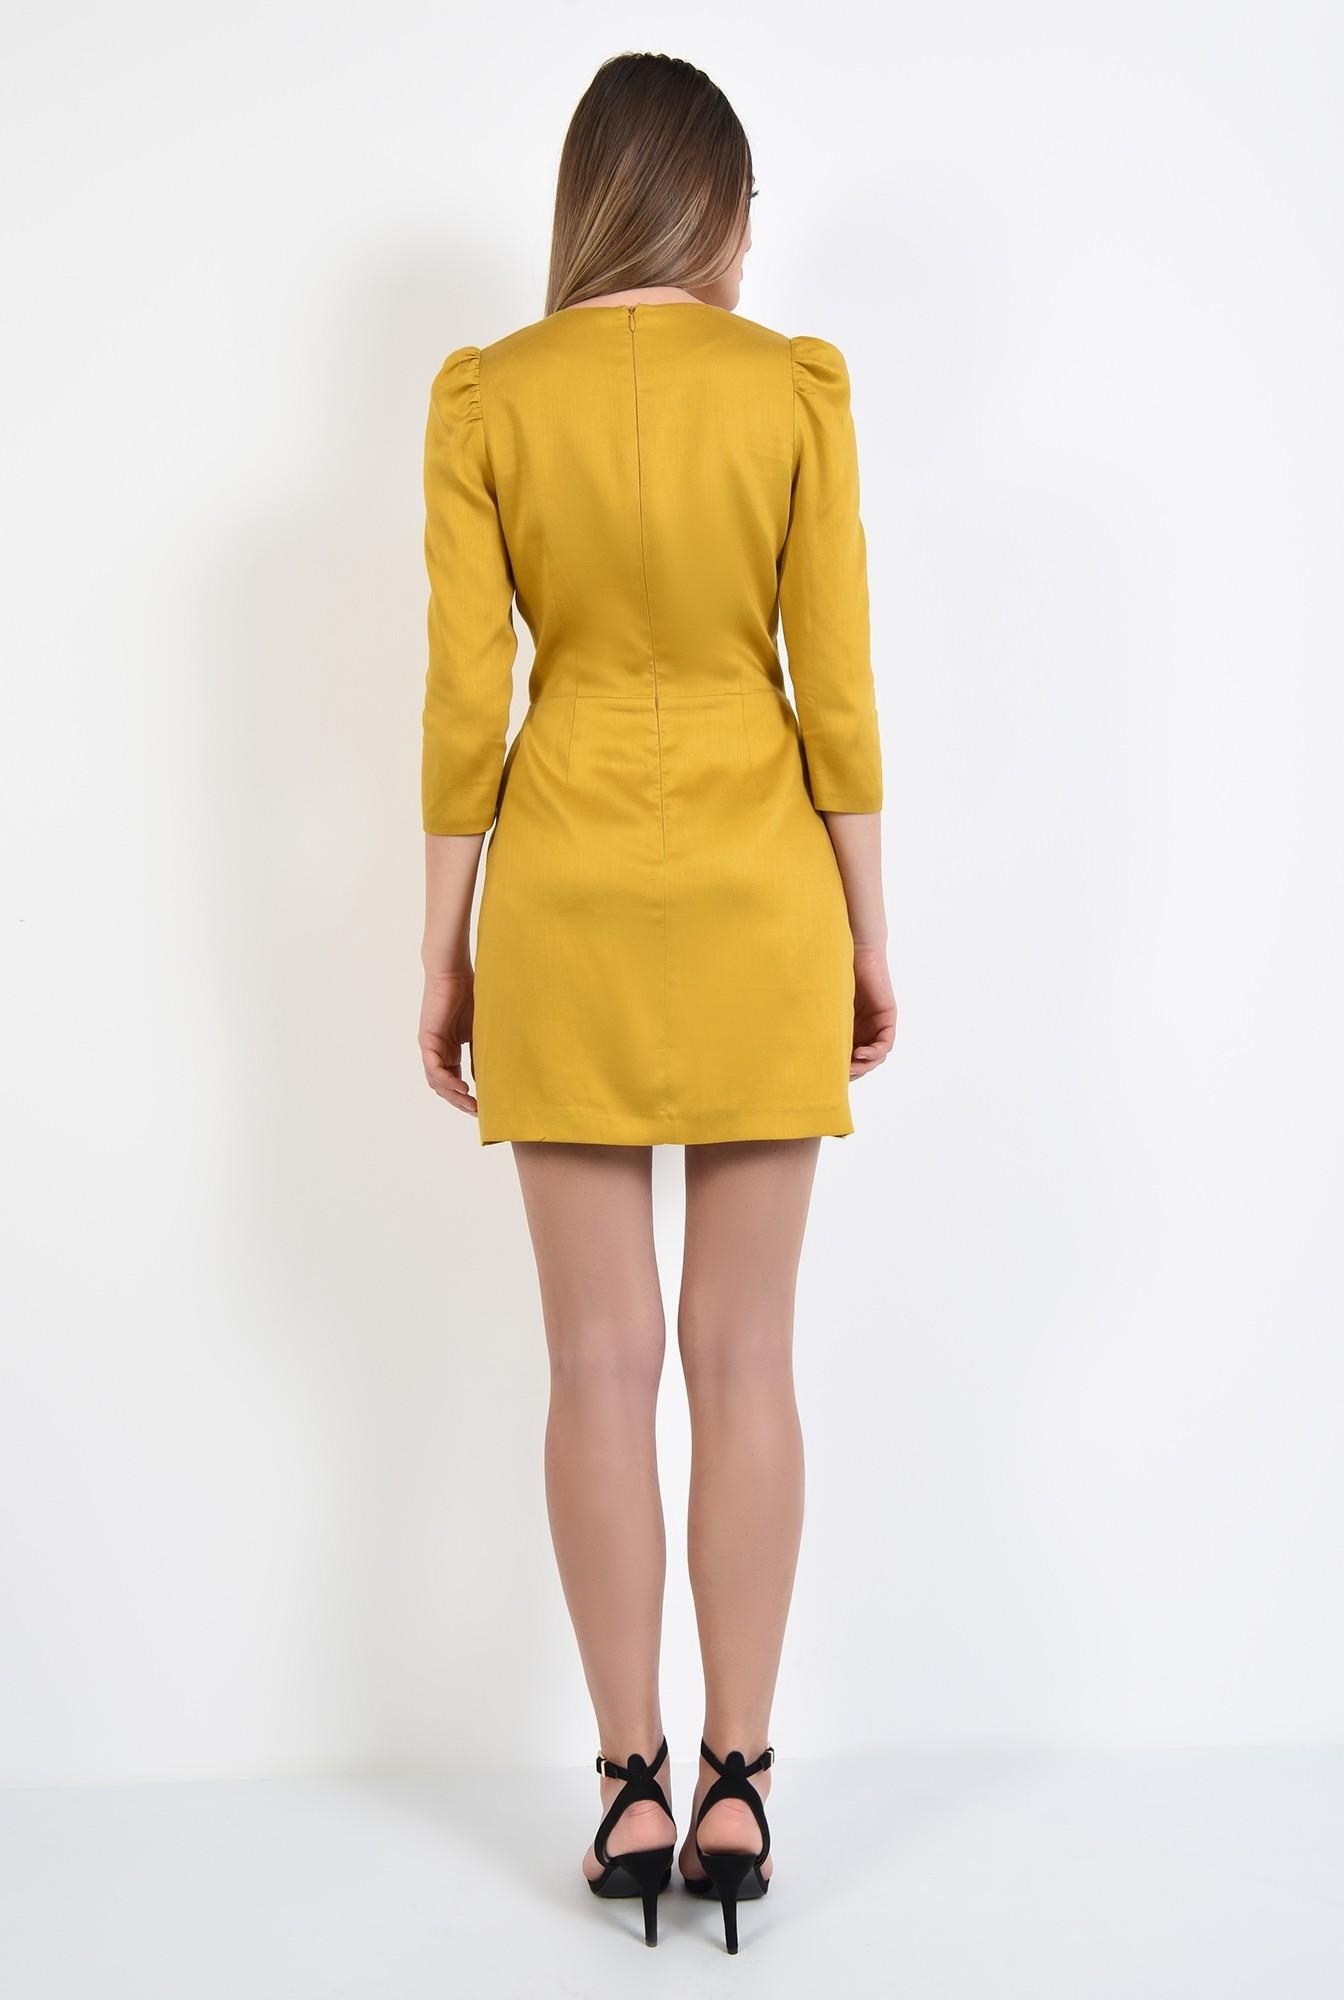 1 - rochie casual, mustar, cu funda, maneci 3/4, rochie din in